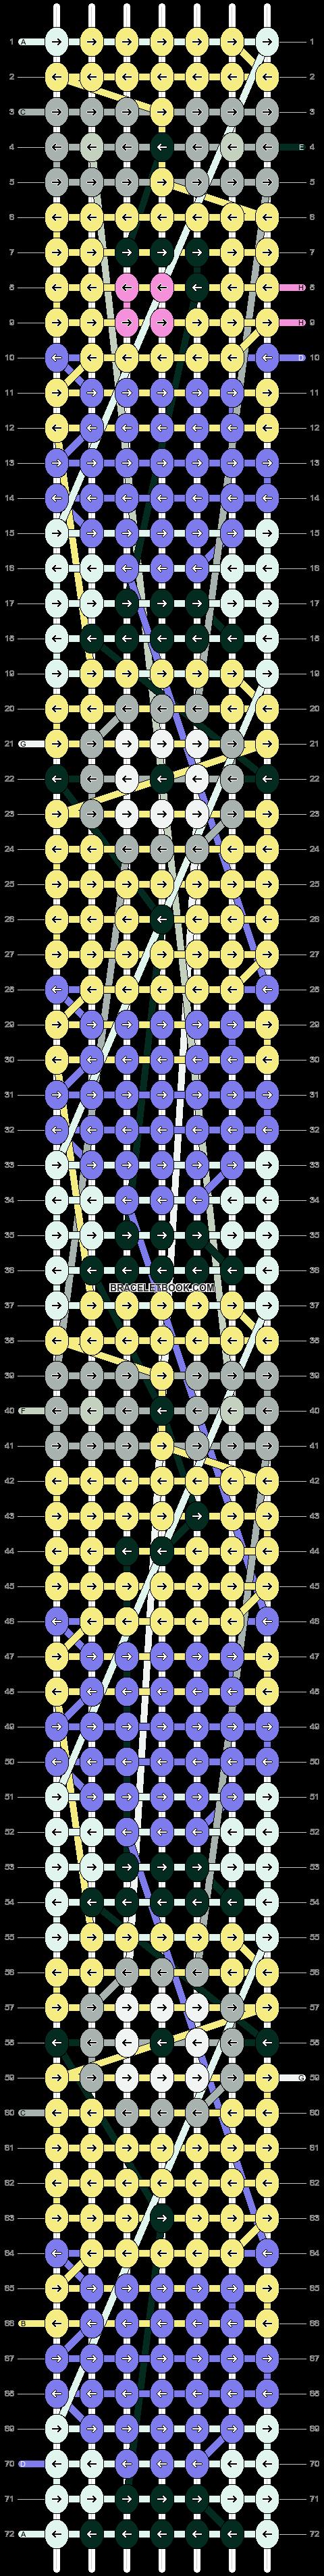 Alpha Pattern #15096 added by vixxstarr